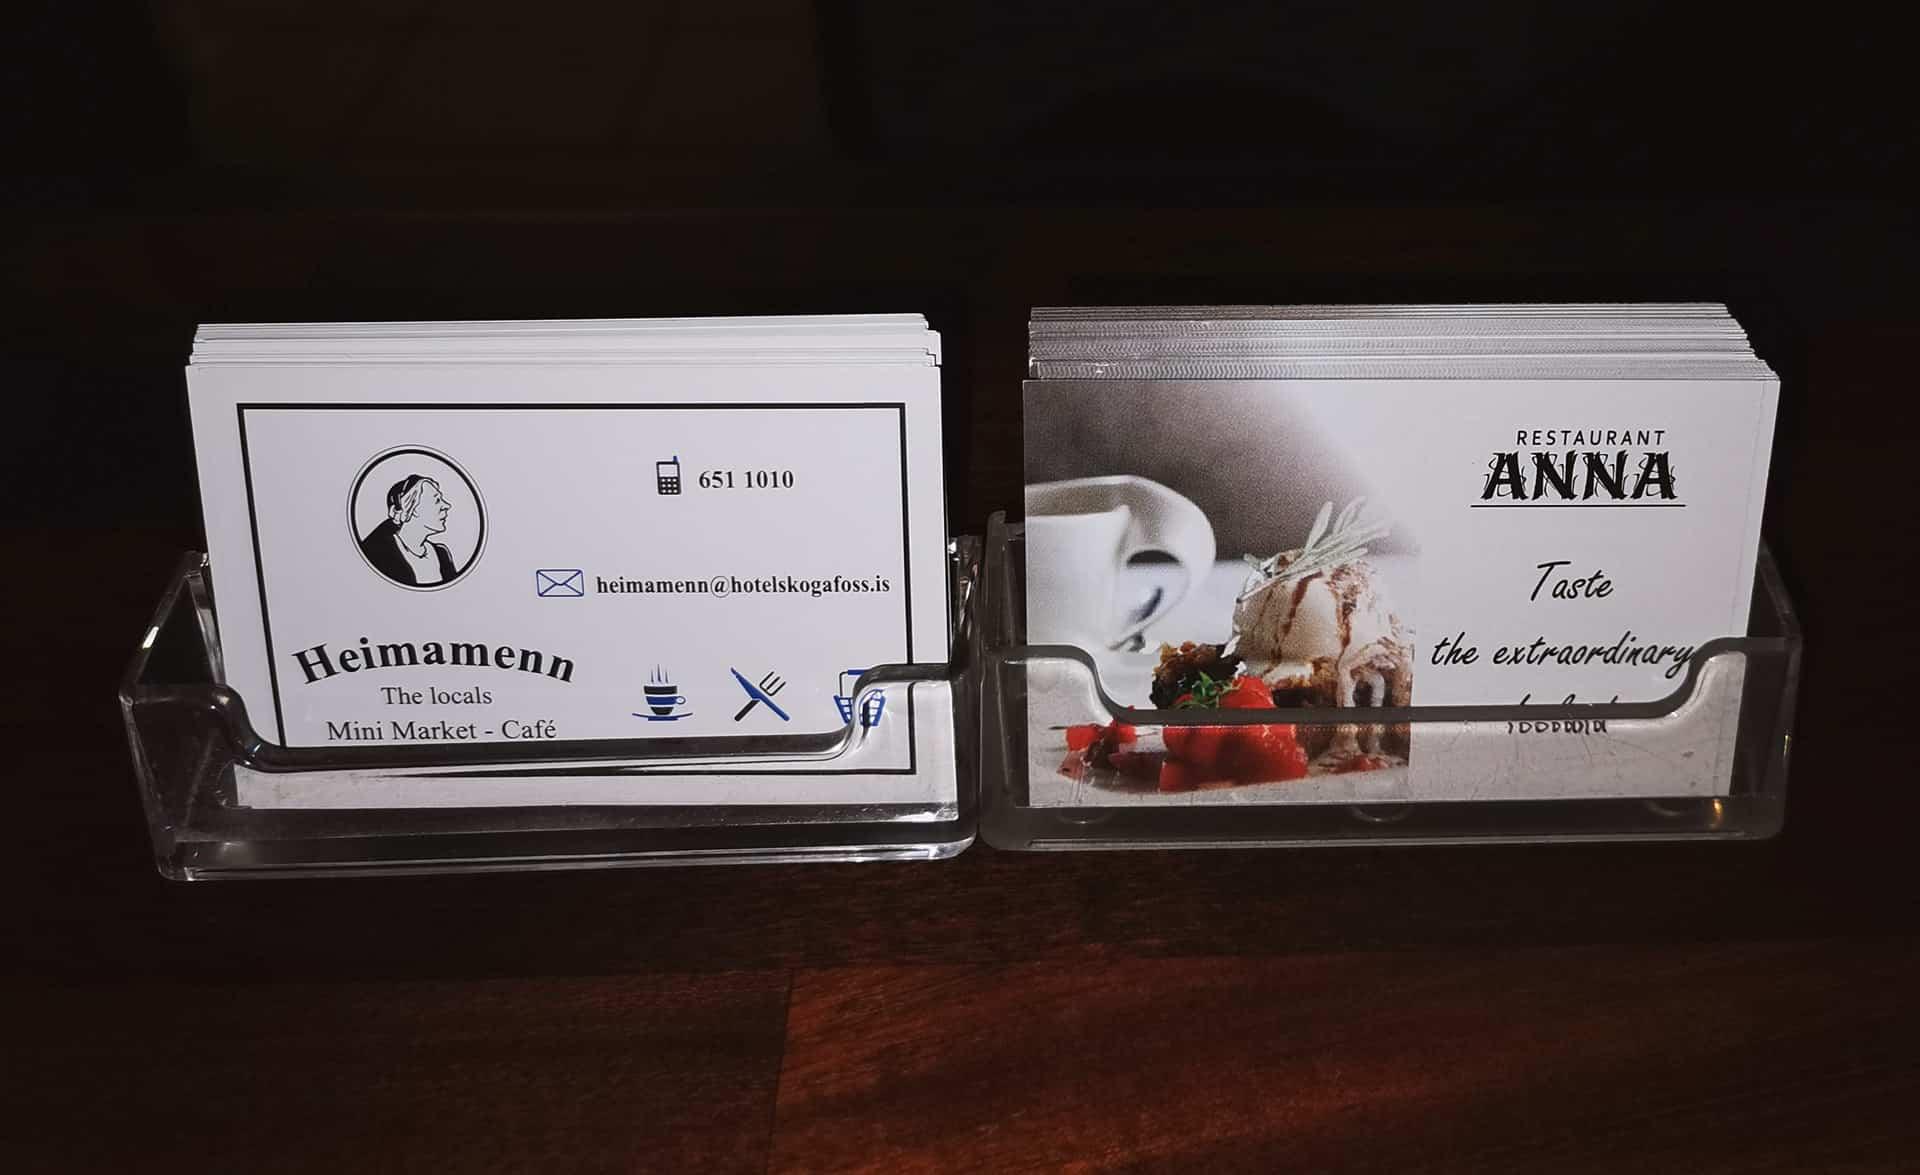 wizytówki firmowe dla restauracji Anna